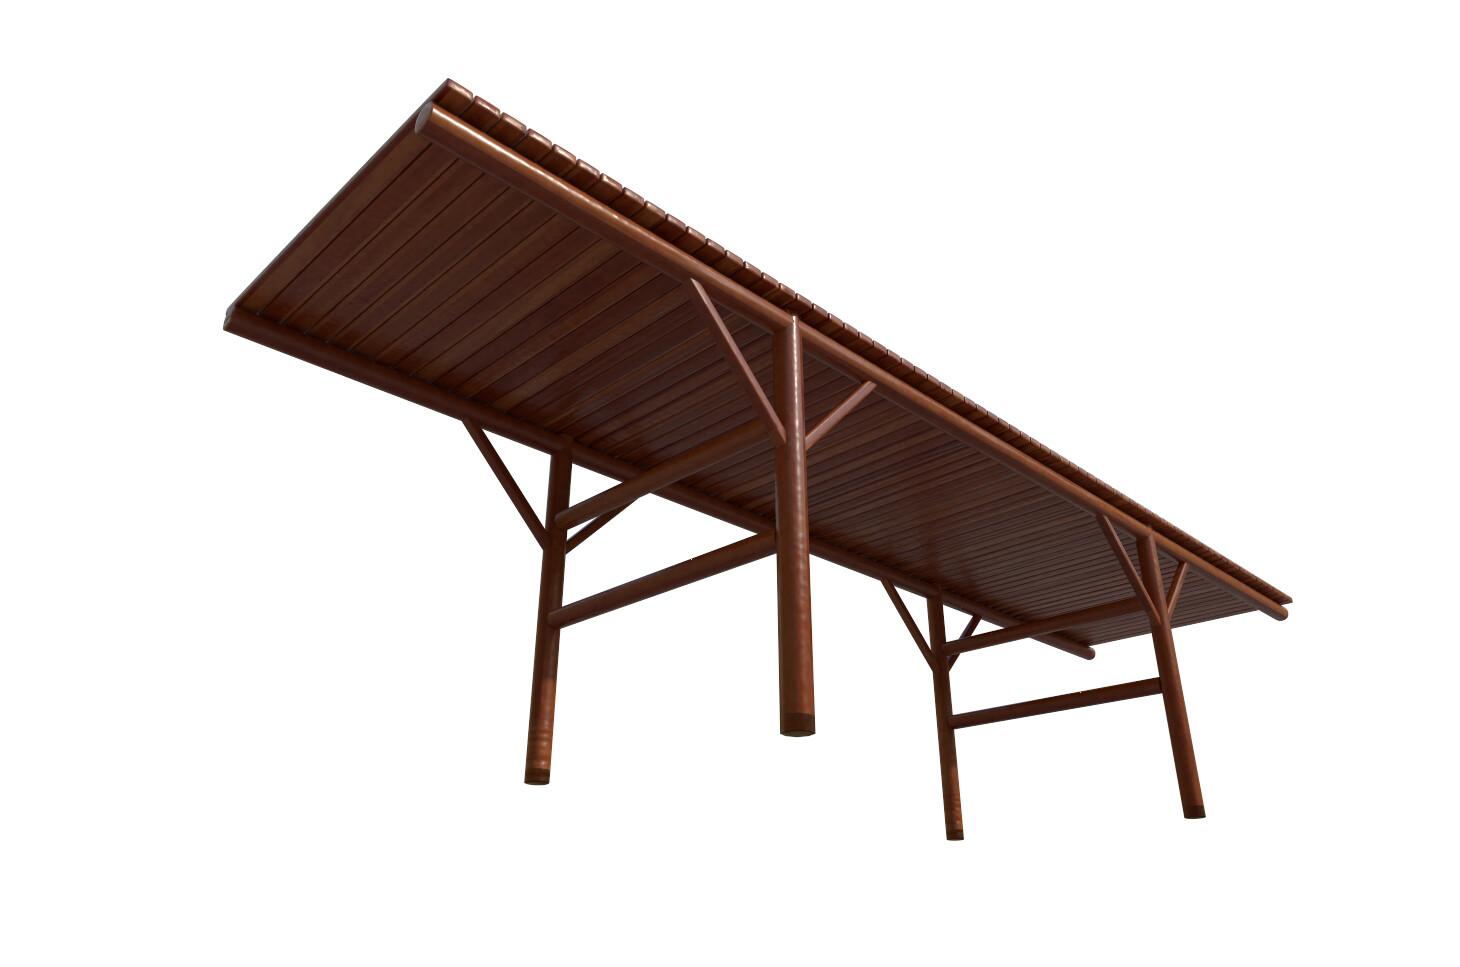 Joseph moniz footbridge001f